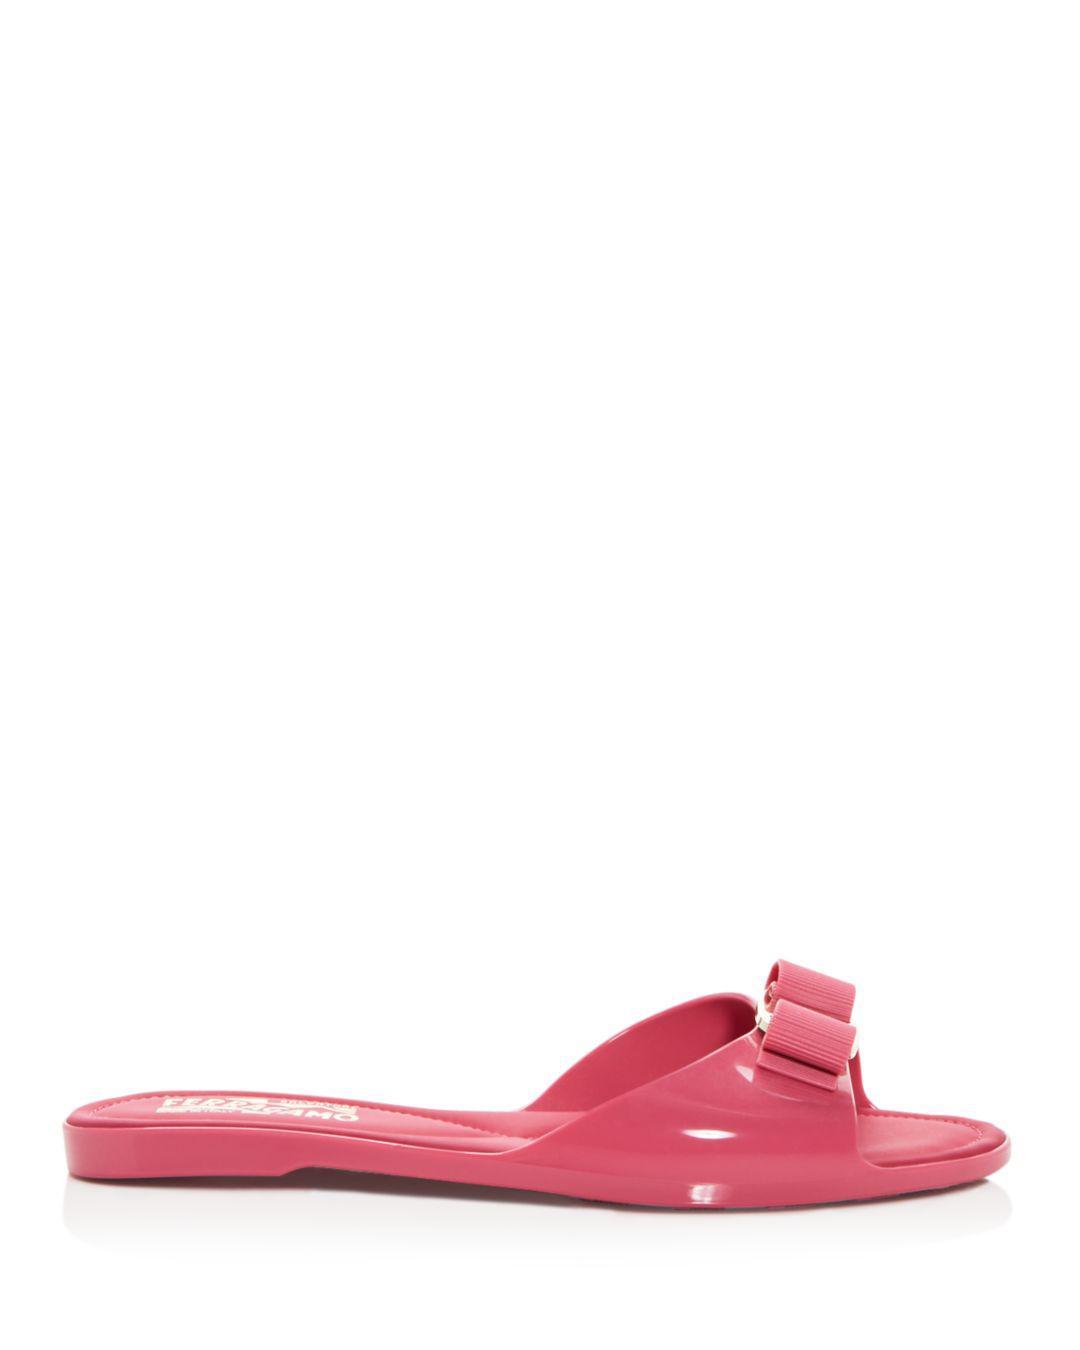 e4e49d57732c Lyst - Ferragamo Women s Cirella Slide Sandals